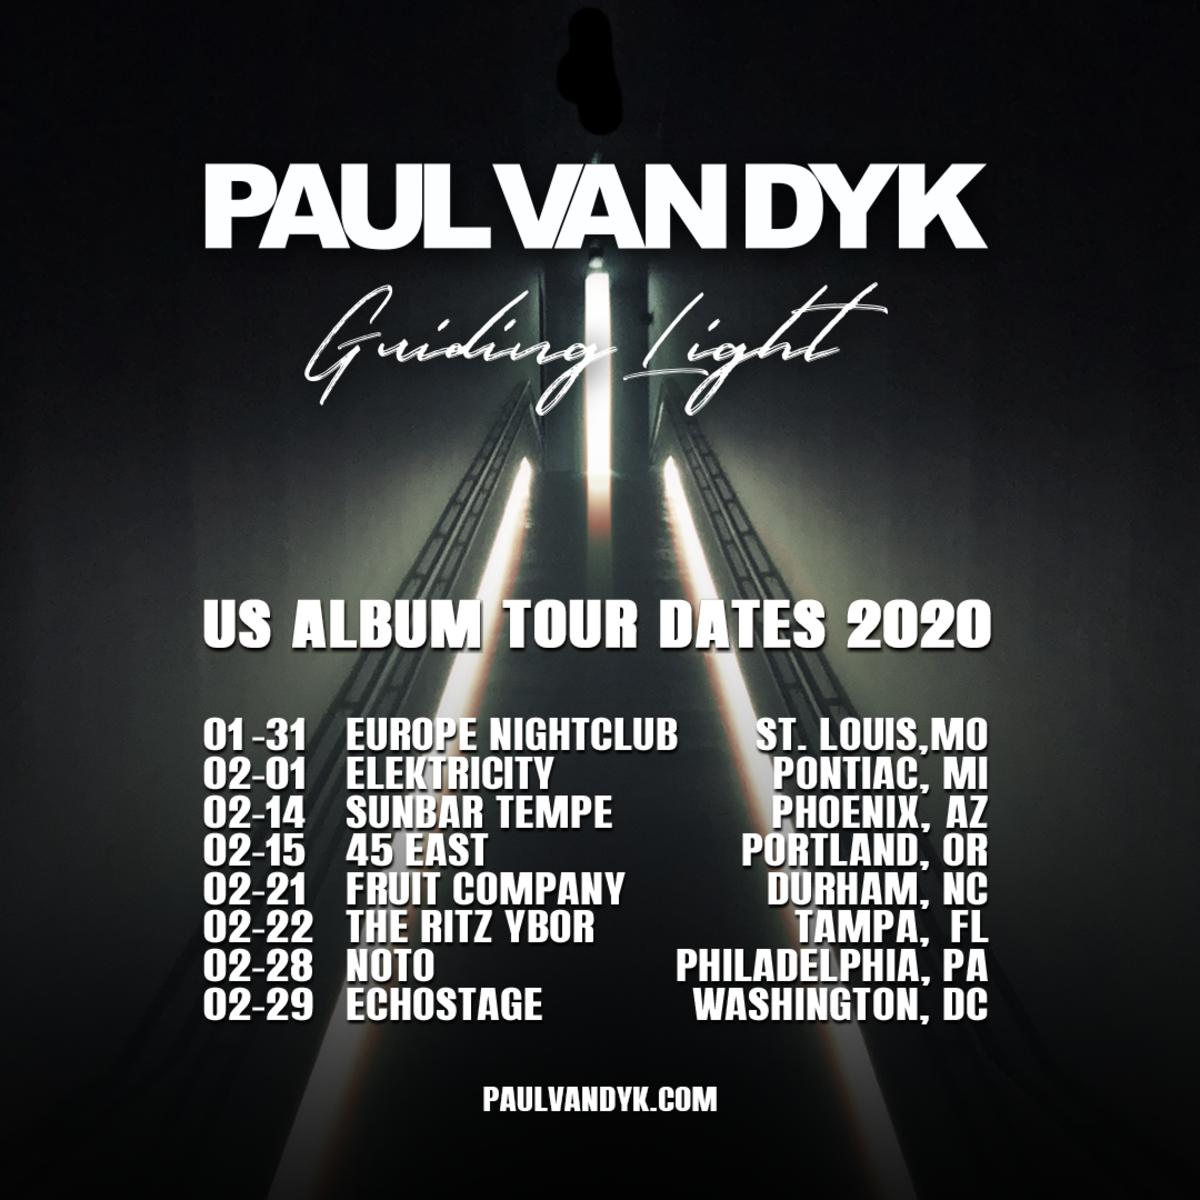 Paul van Dyk Guiding Light US Album Tour Dates 2020